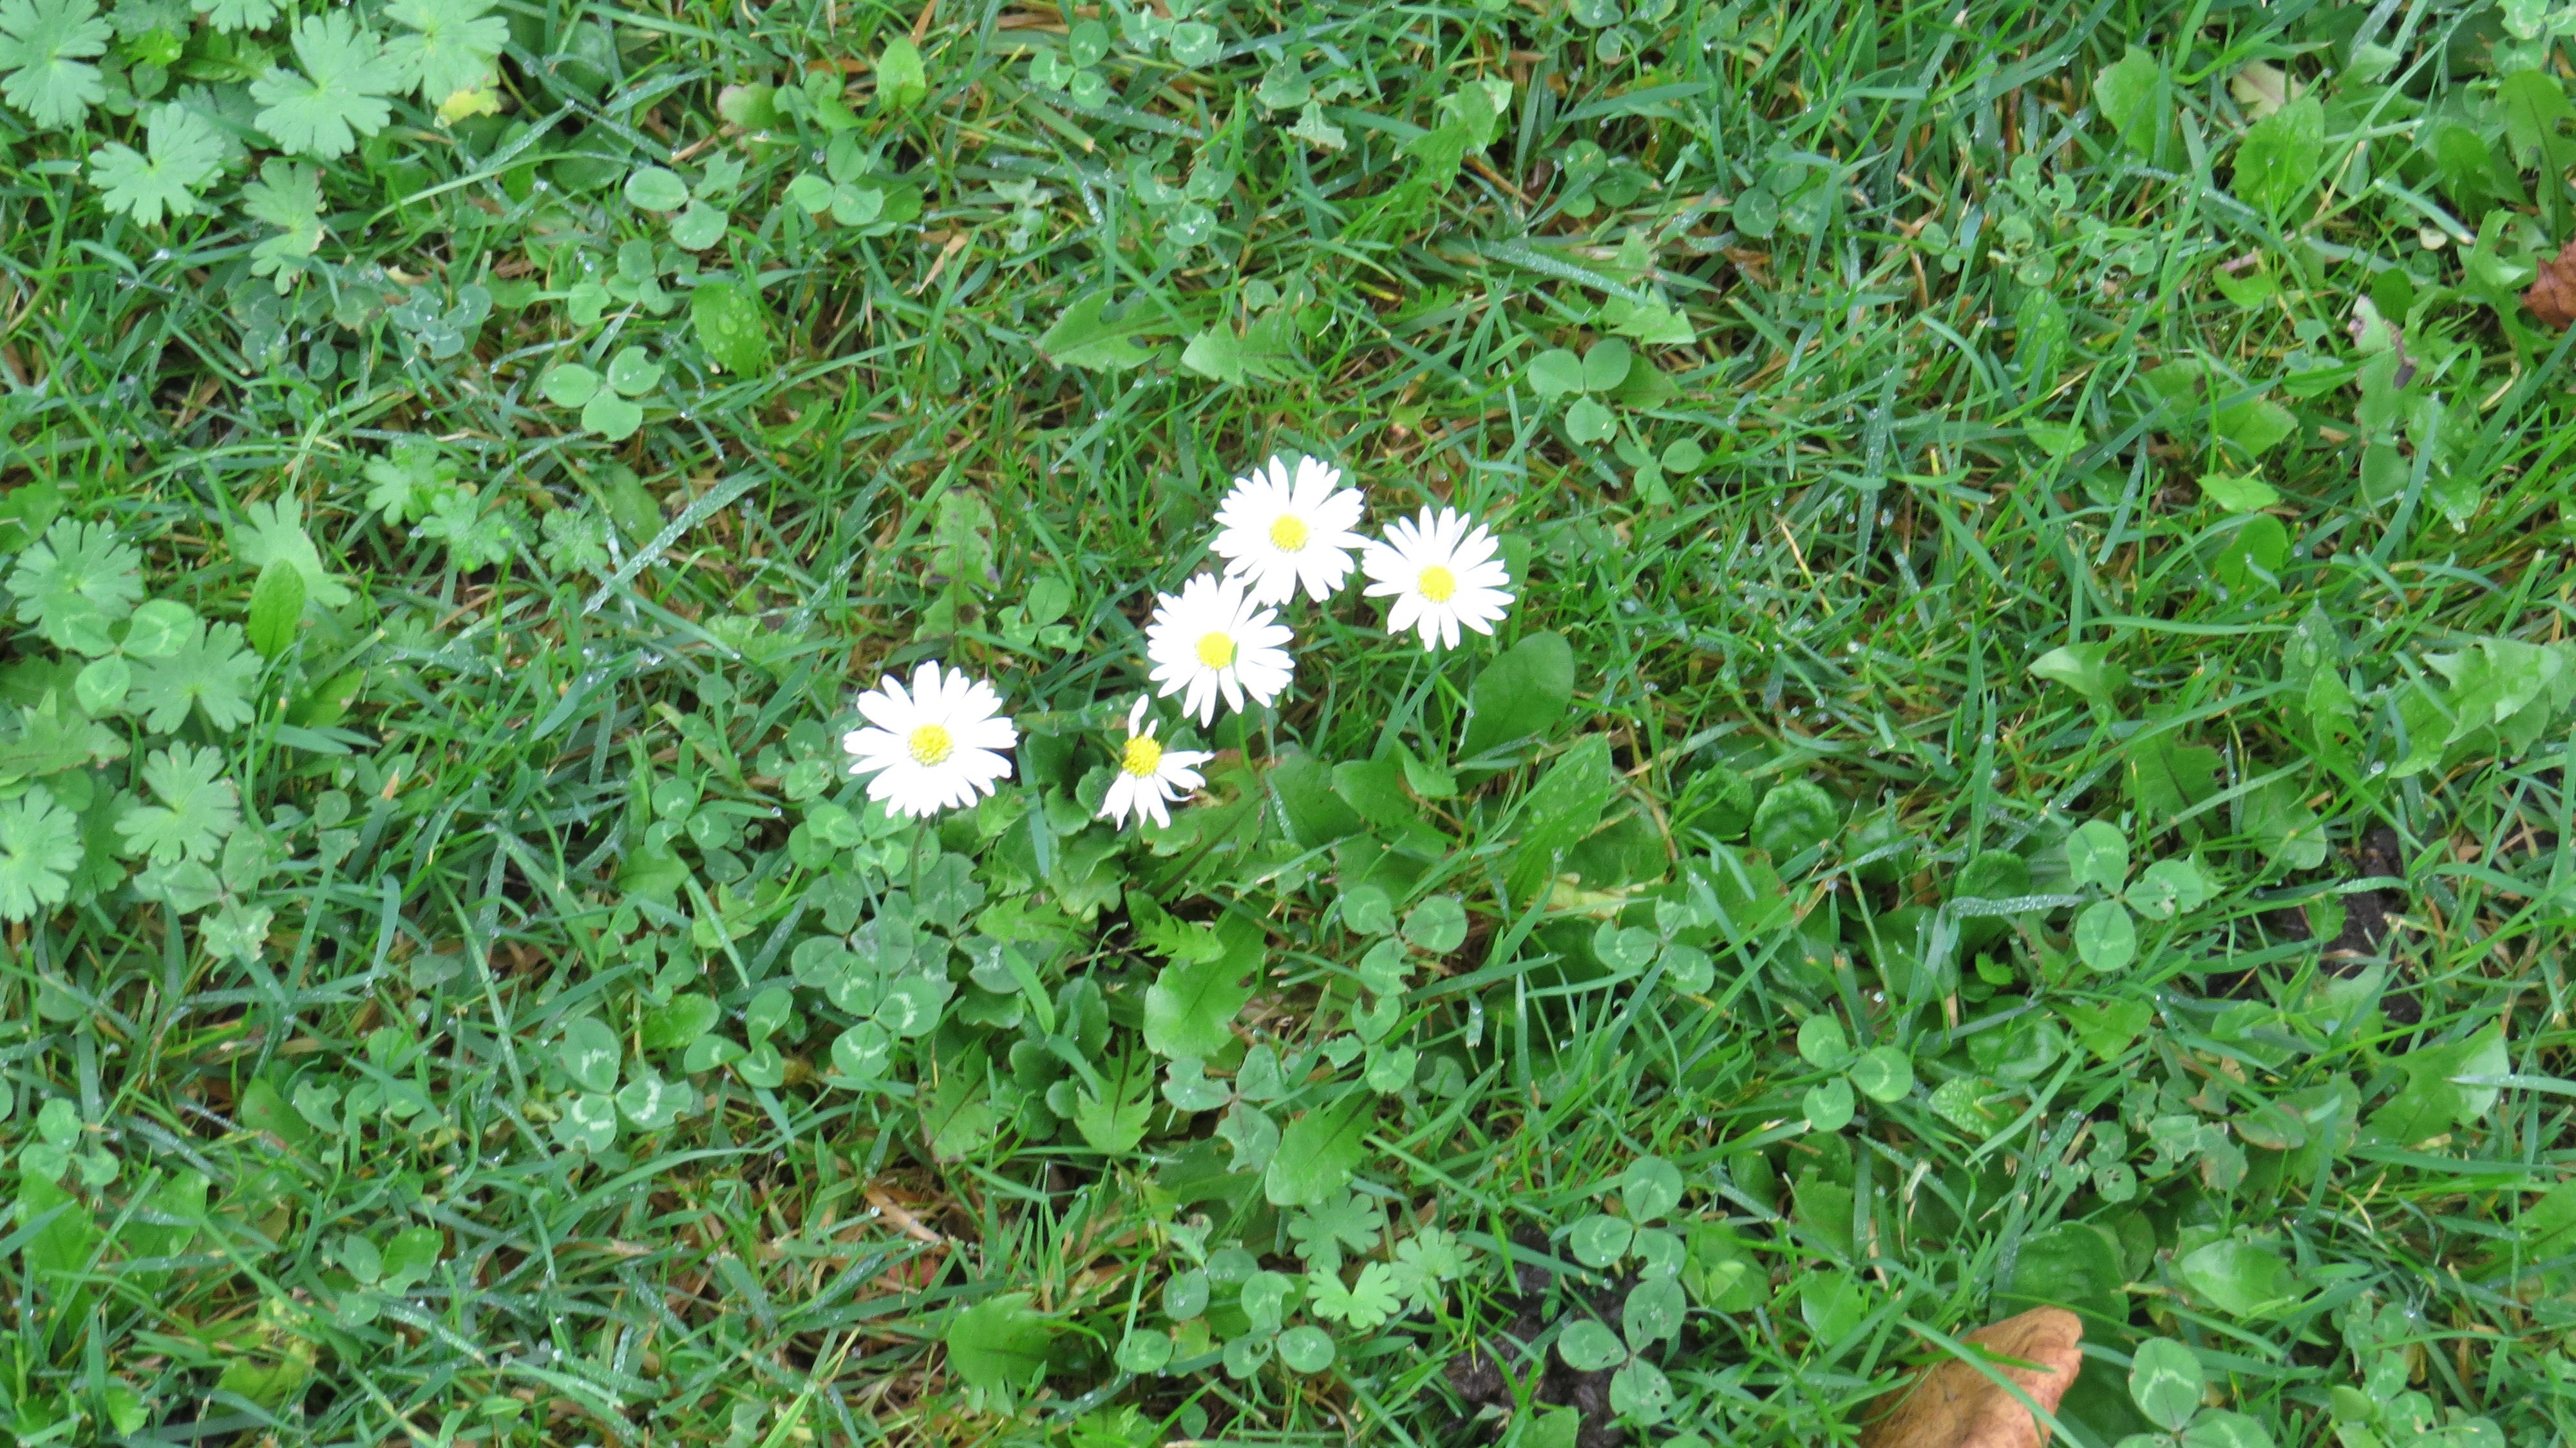 singapore daisy weed how to kill